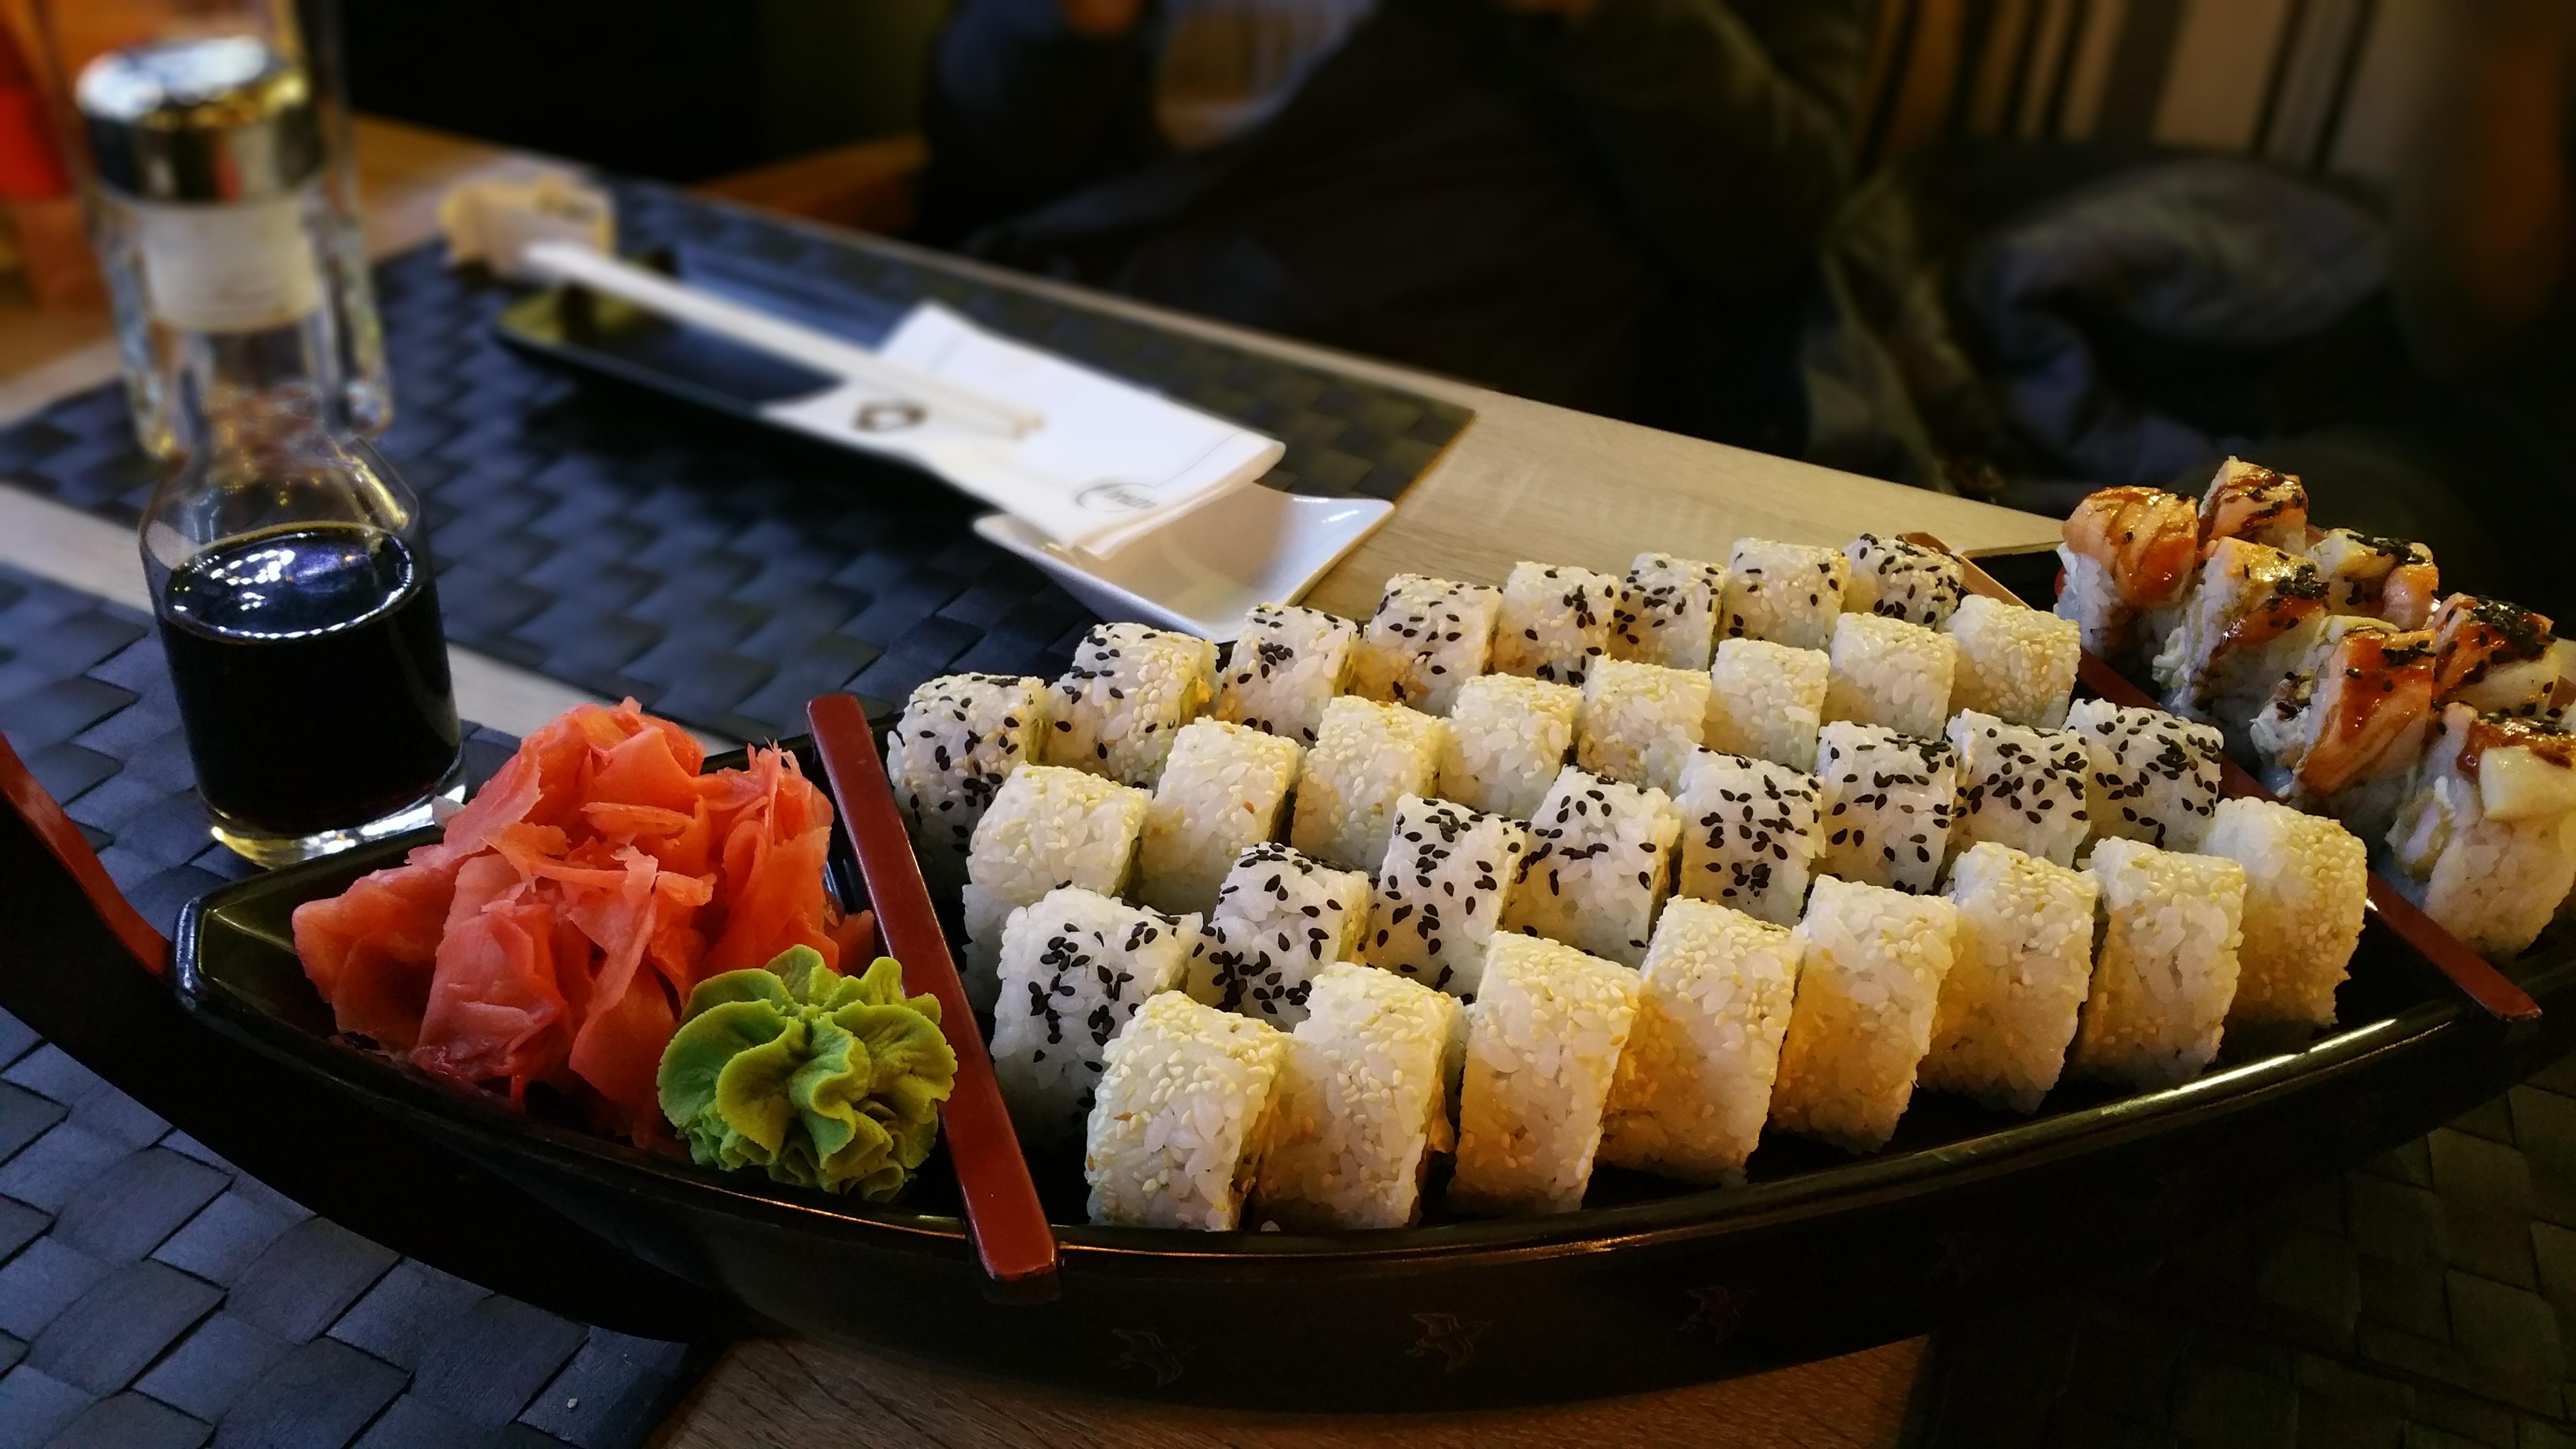 Kostenlose foto : asiatisch, Gericht, Mahlzeit, Lebensmittel ...